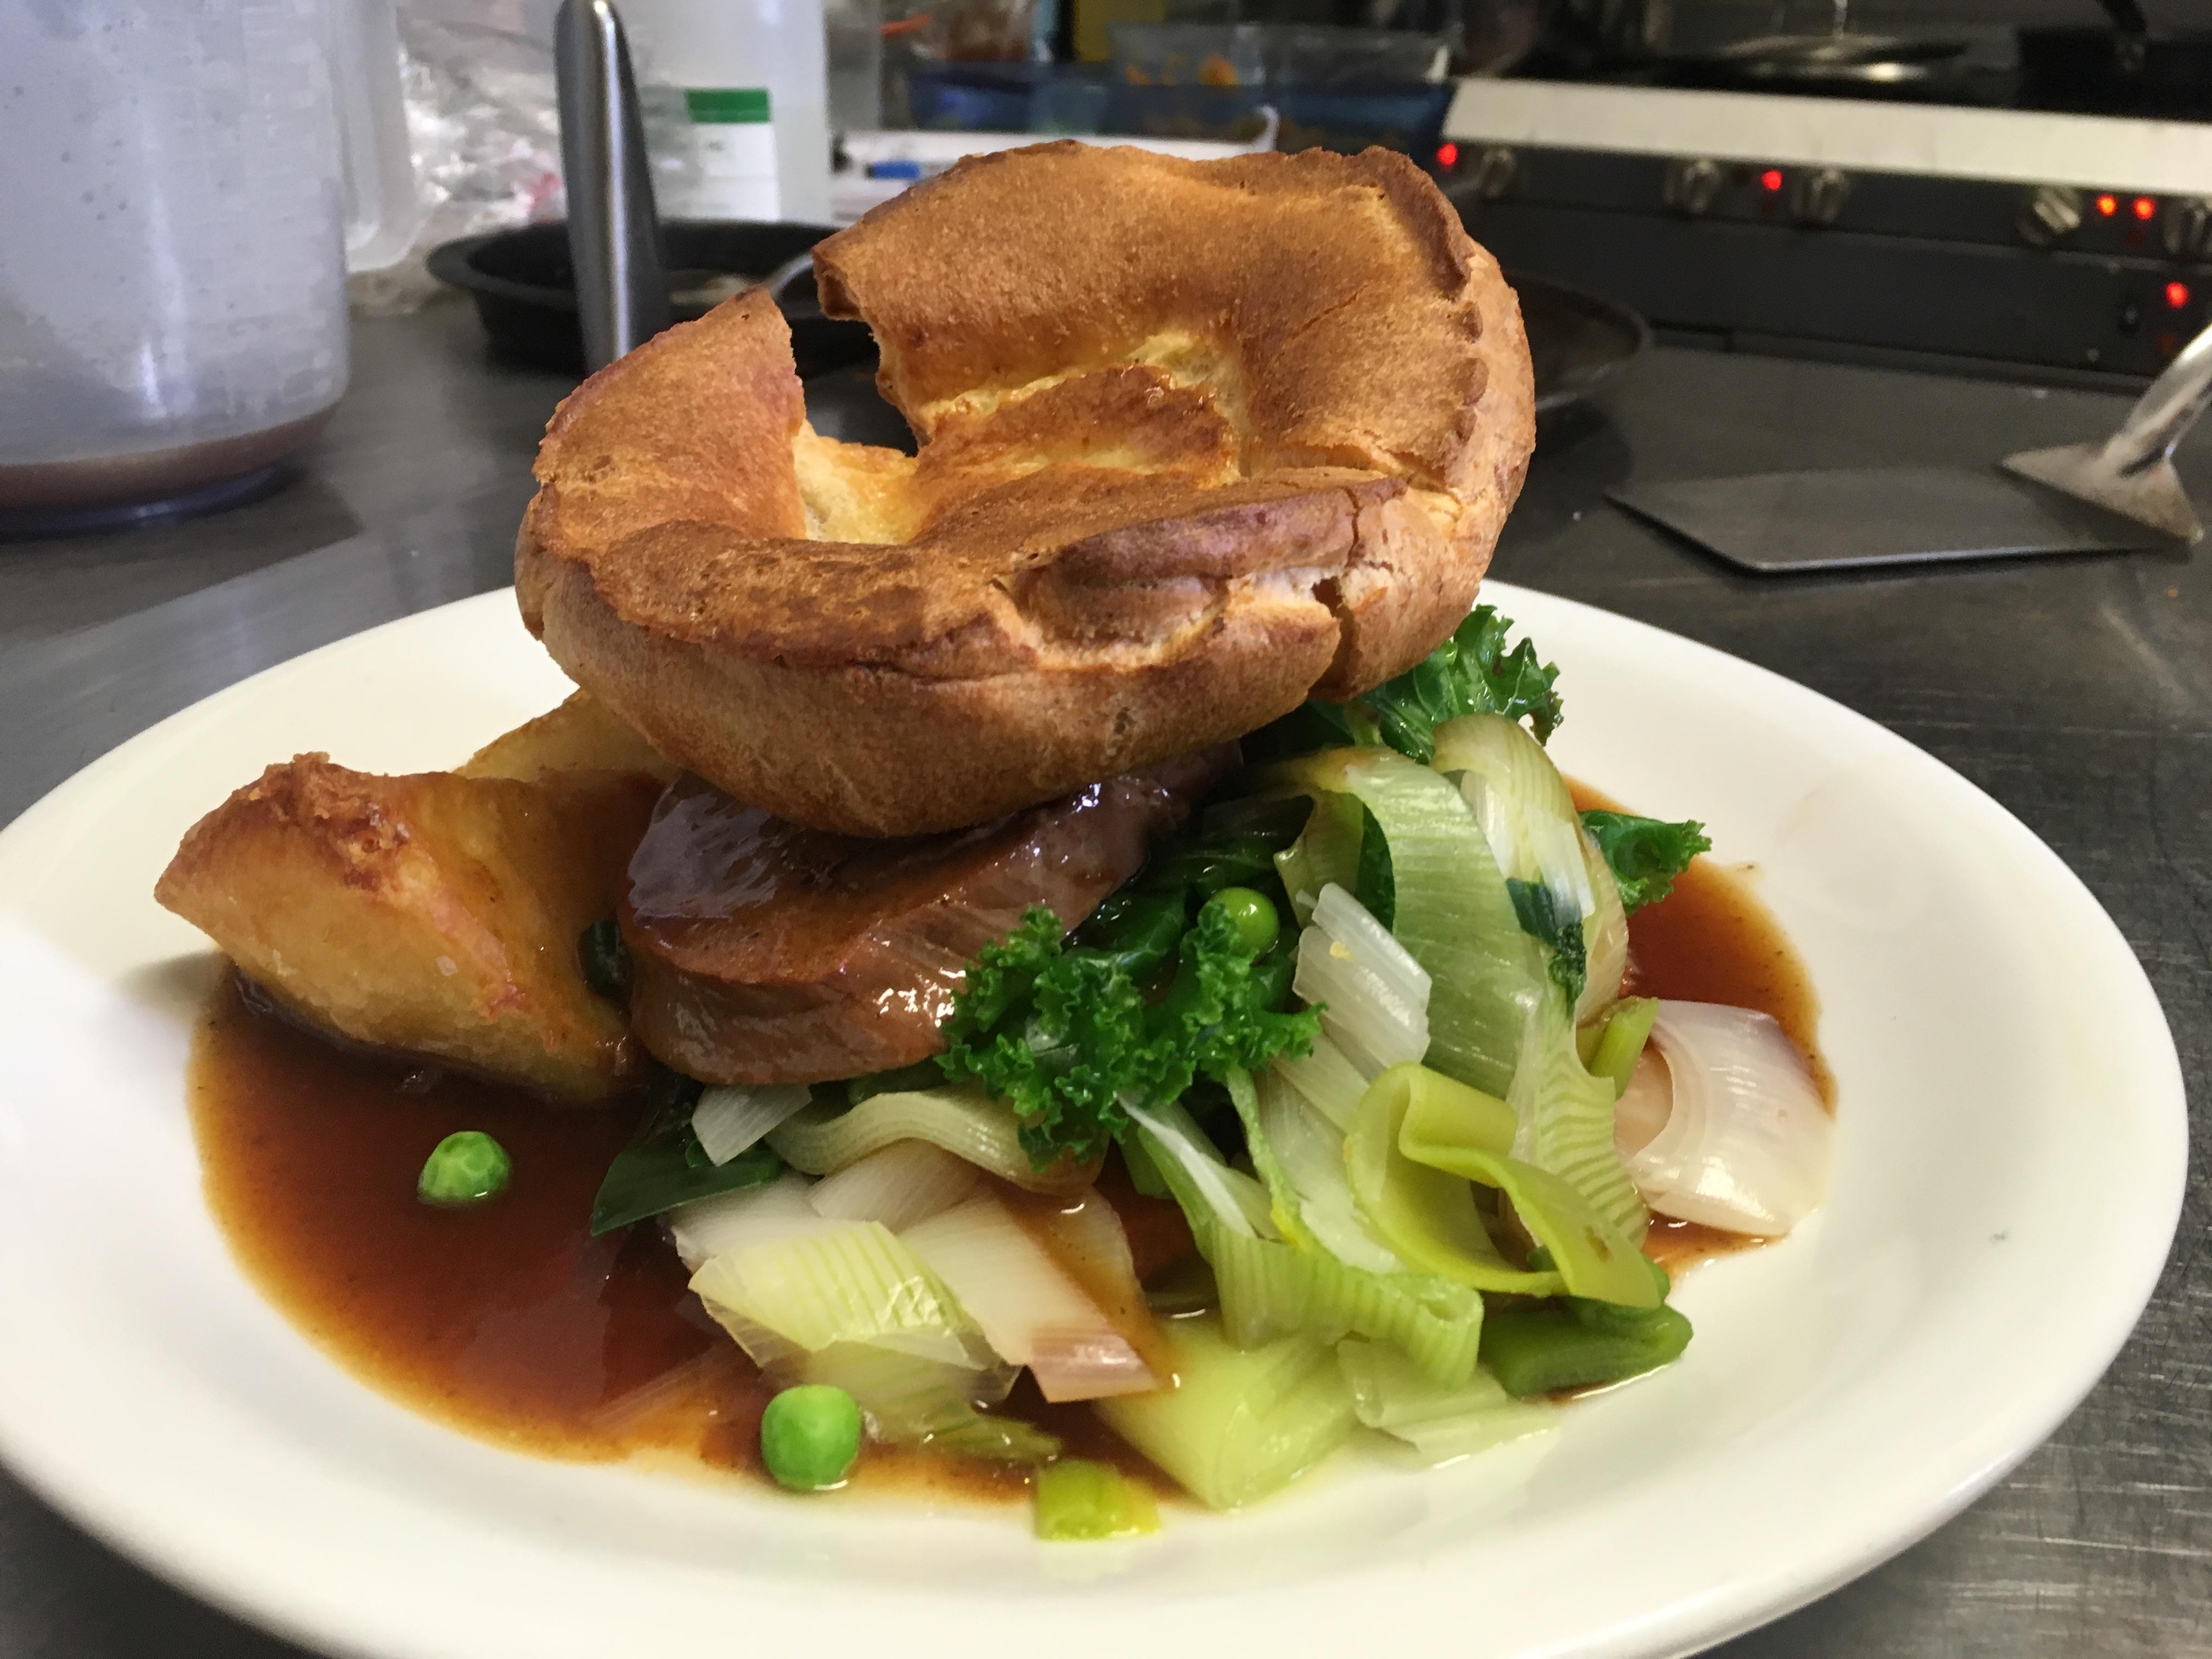 Ringwood Railway New Forest Pub Sunday Roast Lunch Near Christchurch Dorset